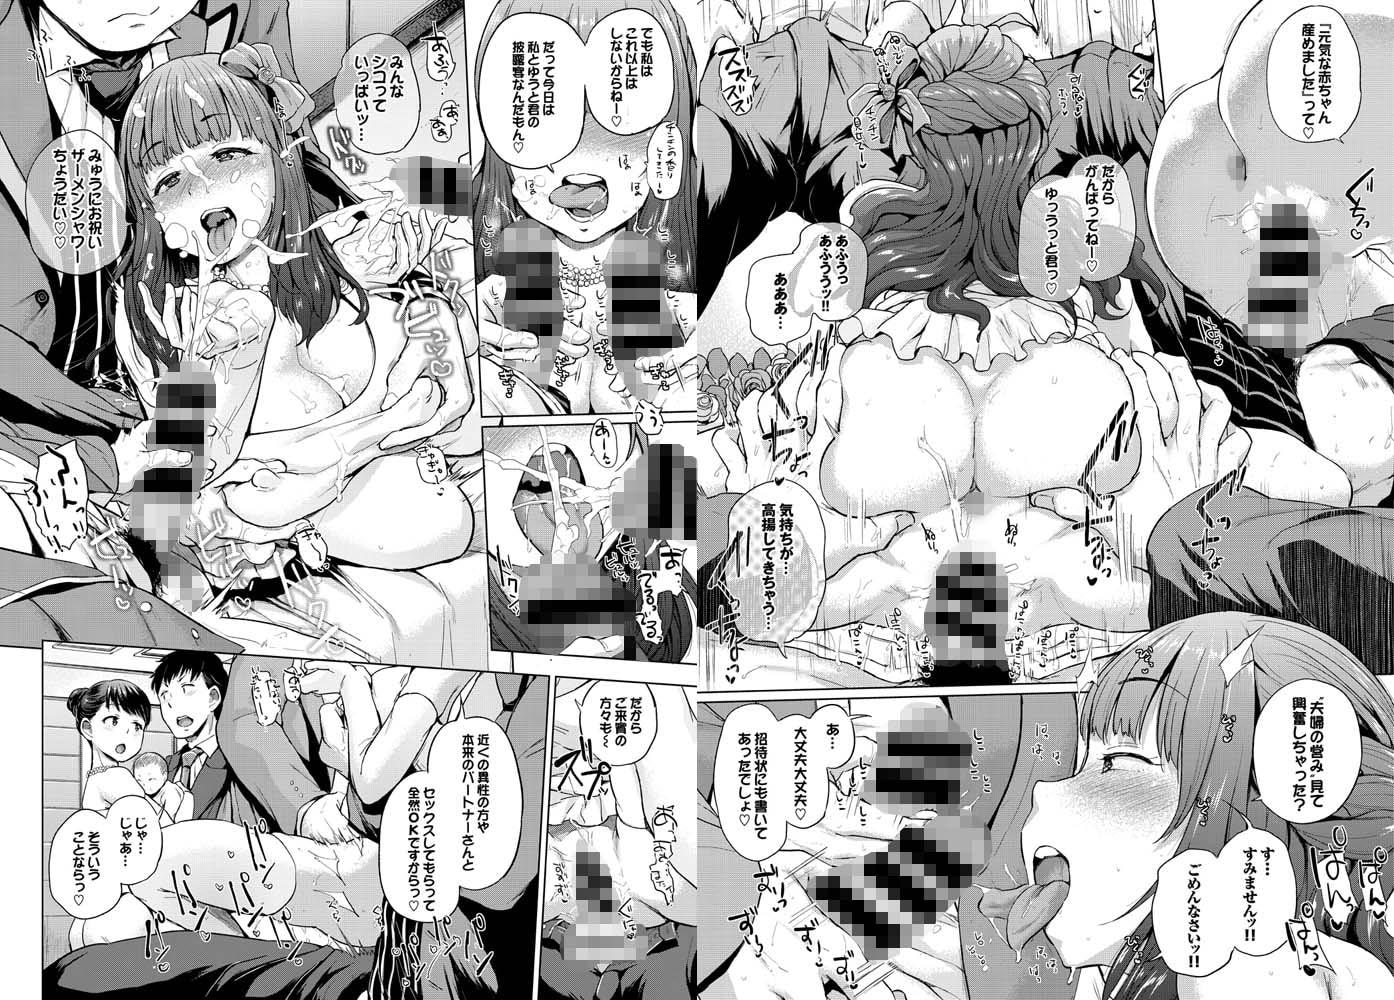 SEX中毒ッ! マジヤバ超絶ビッチ!